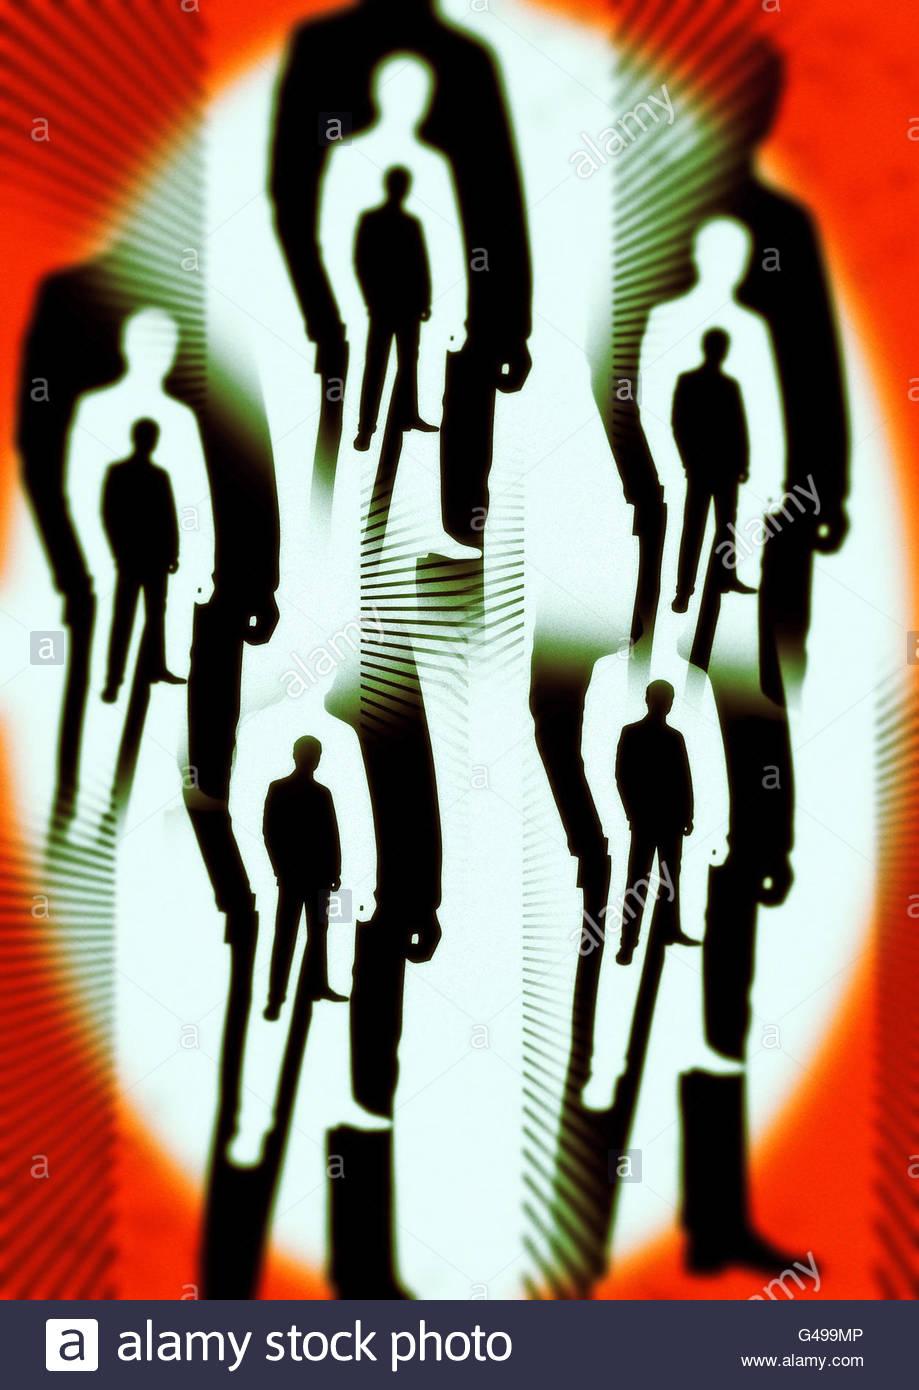 Los hombres de negro el área 51 conspiración roswell ilustración Foto de stock